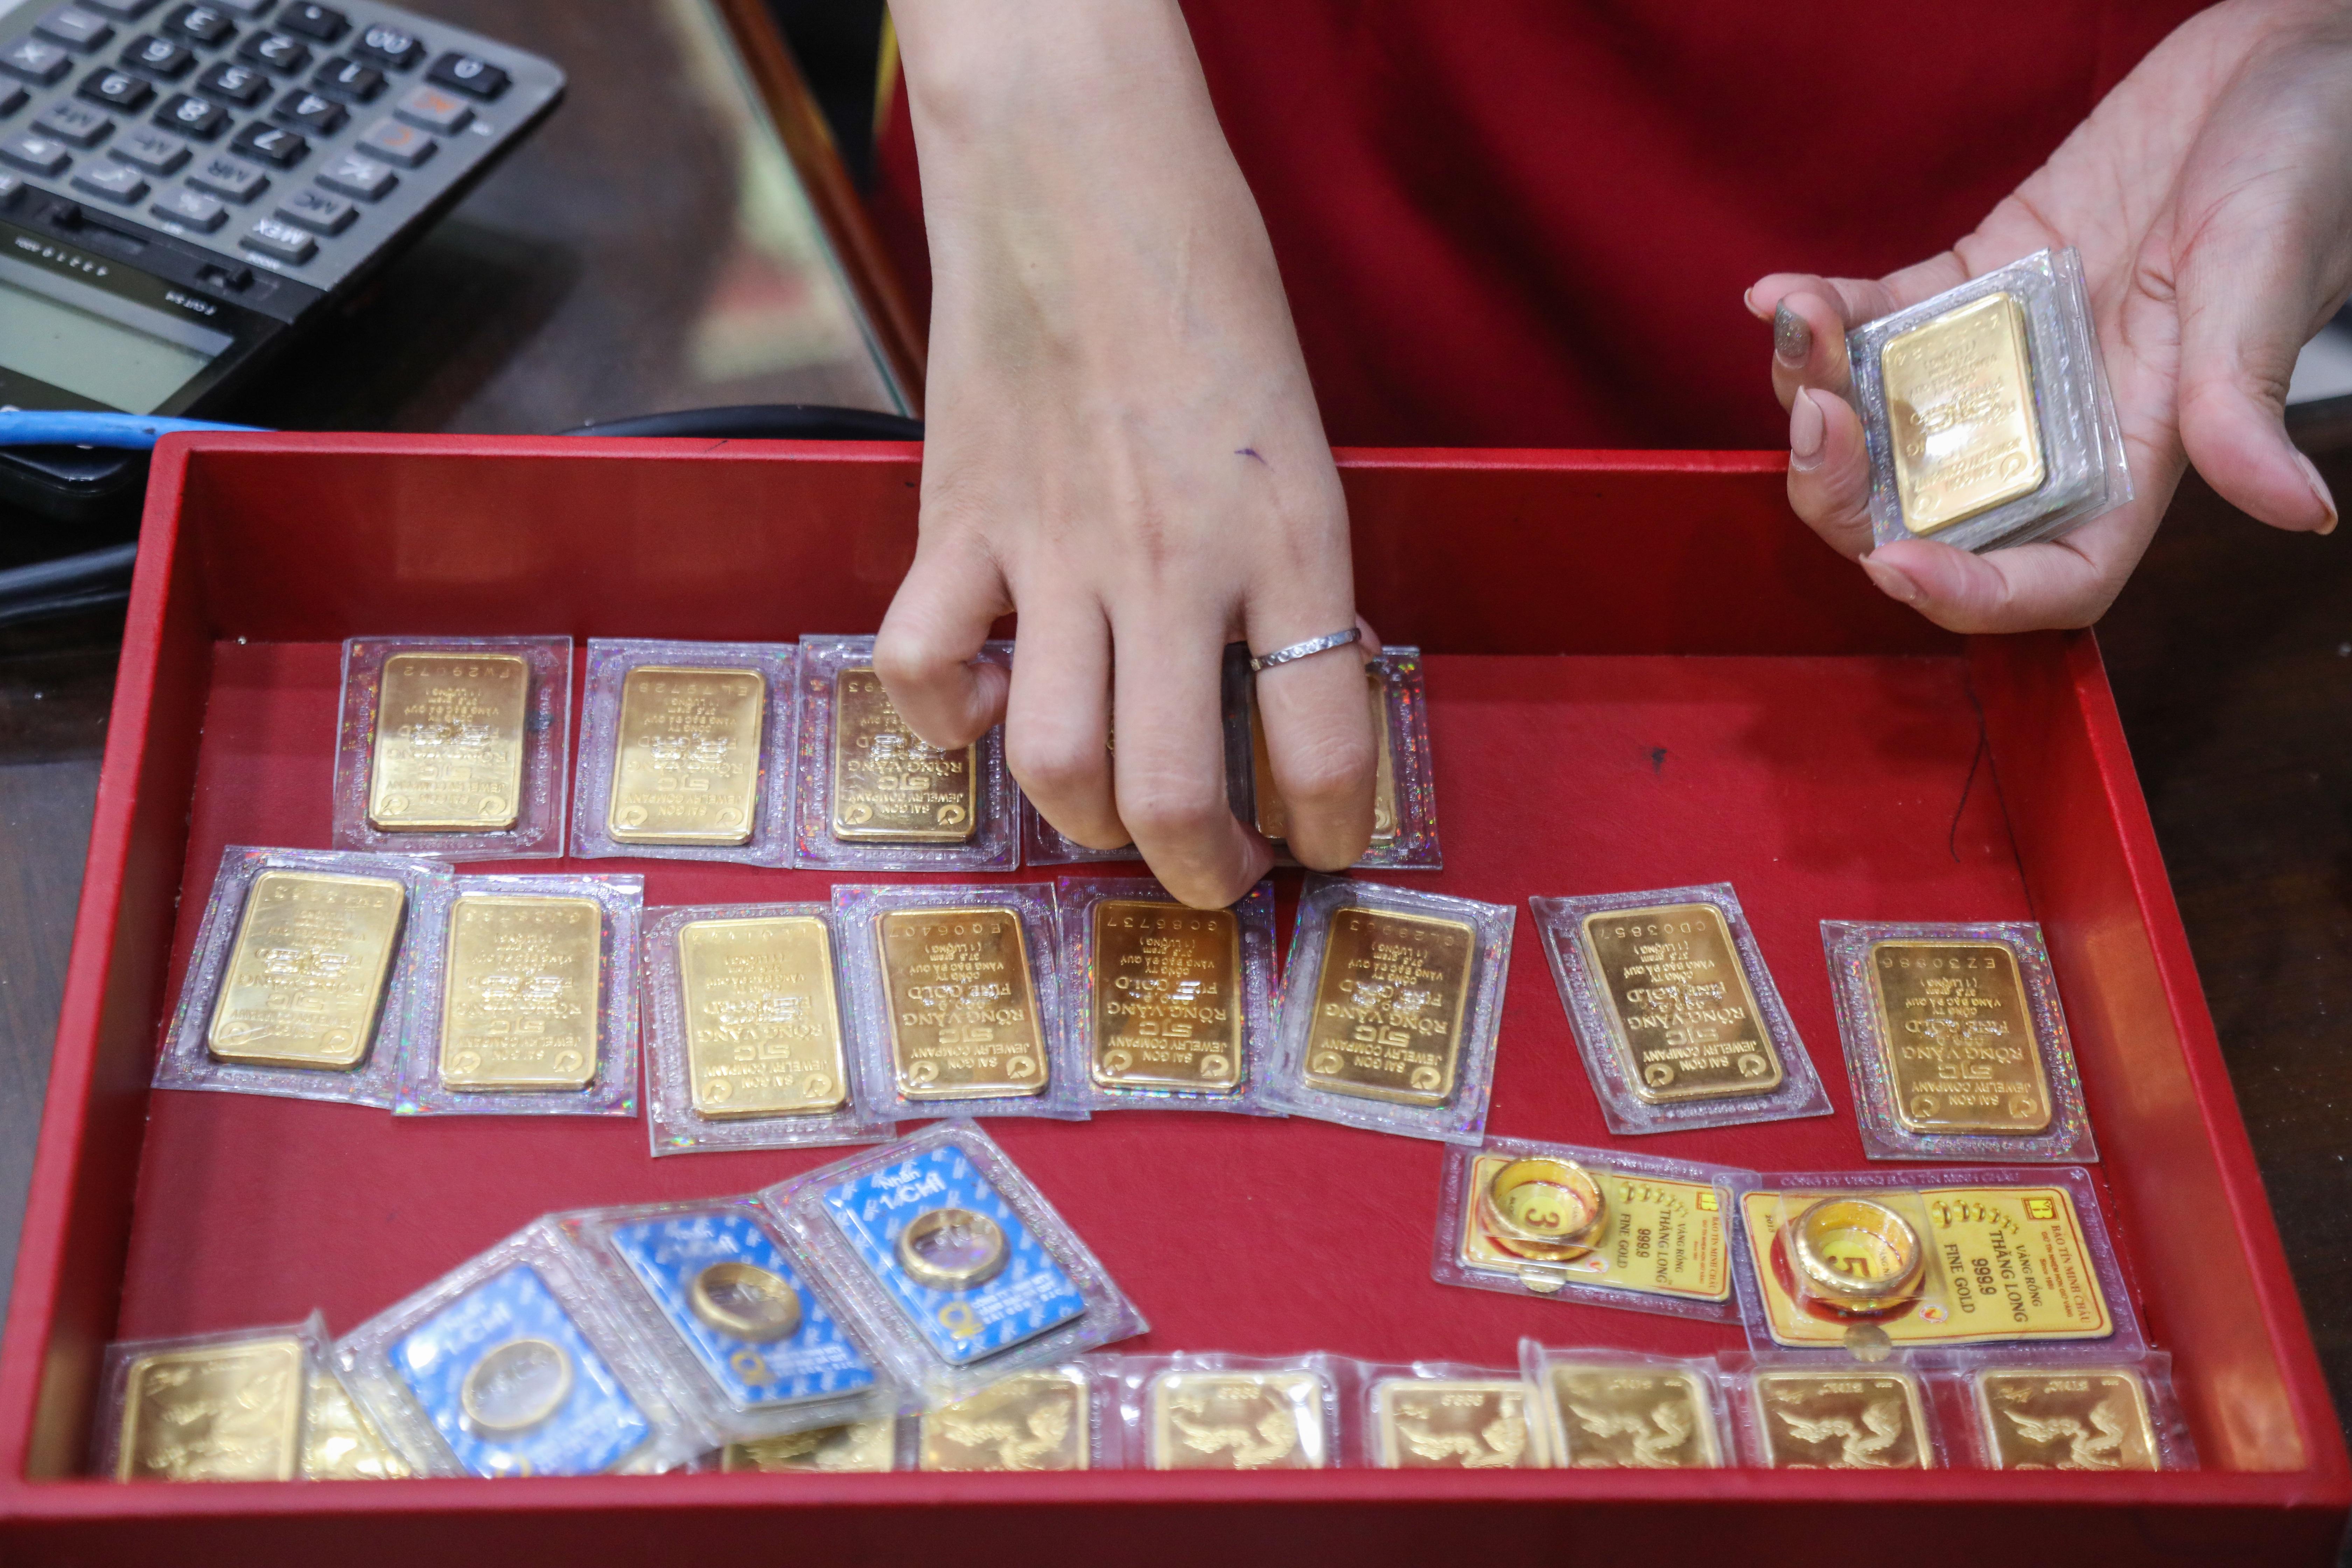 Giá vàng đột ngột sụt giảm, giới chuyên gia khuyên bán USD và mua bạc